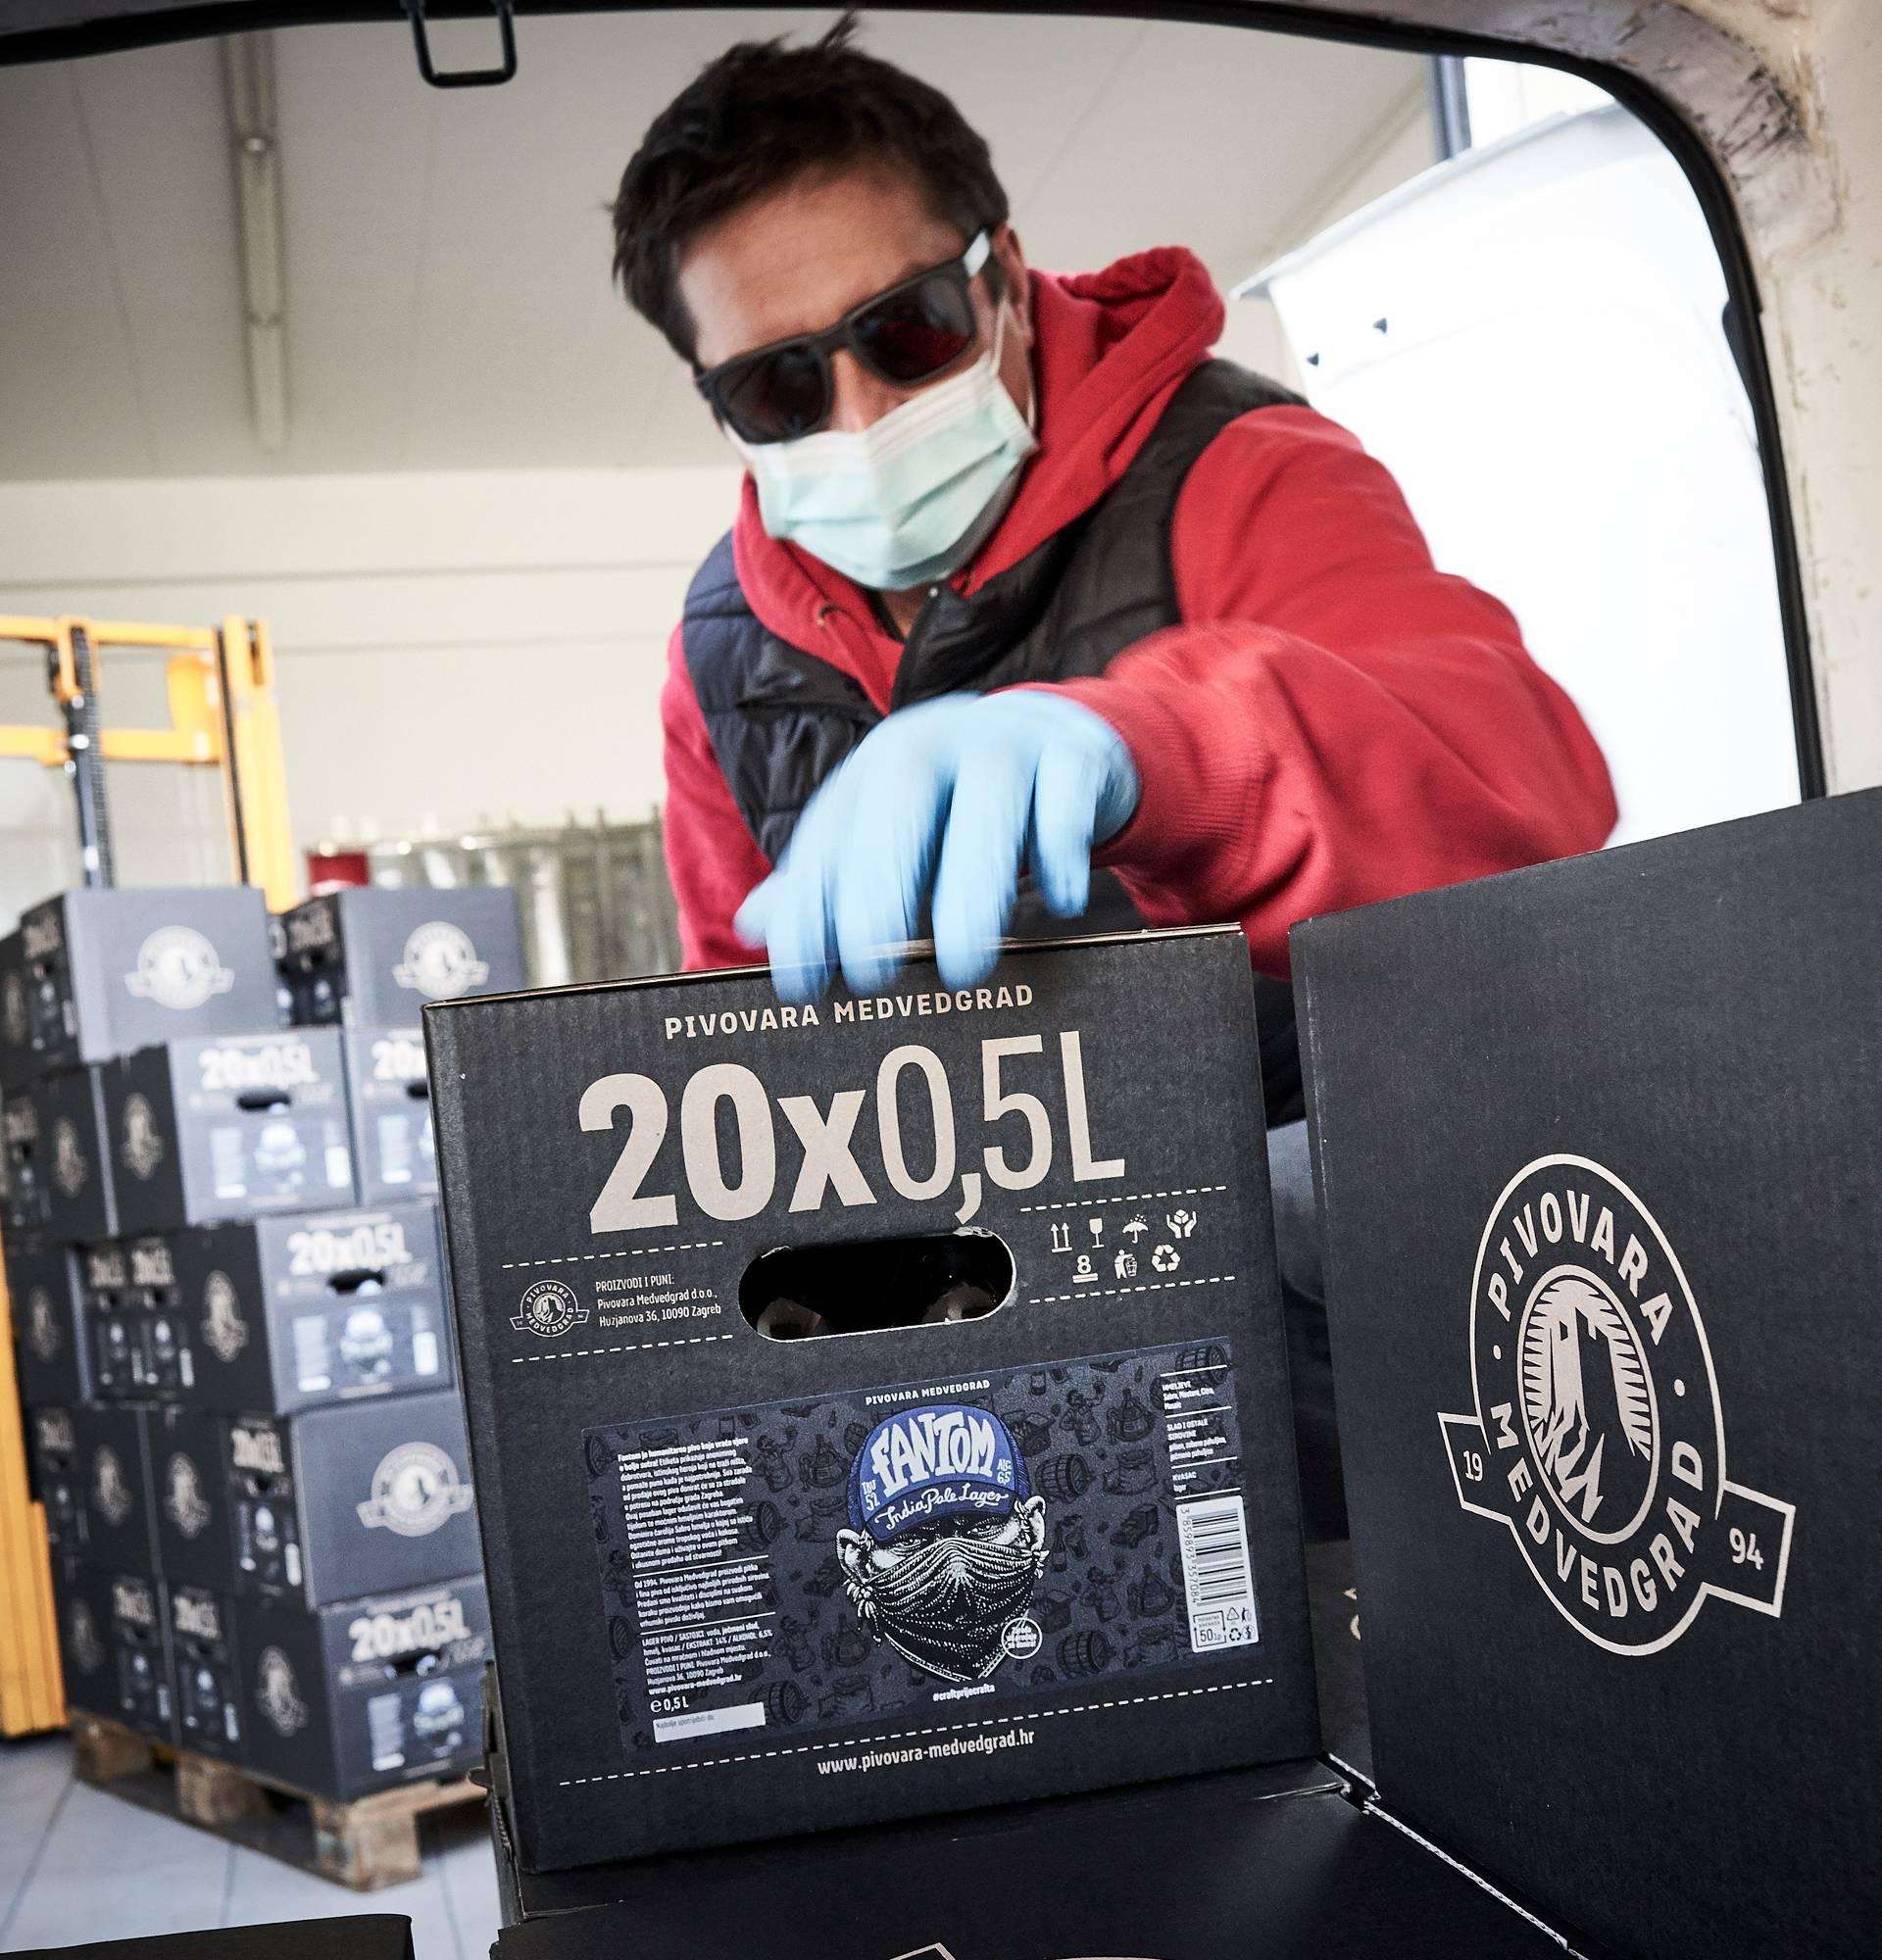 Humanitarno pivo iz Medvedgrada za bolje sutra